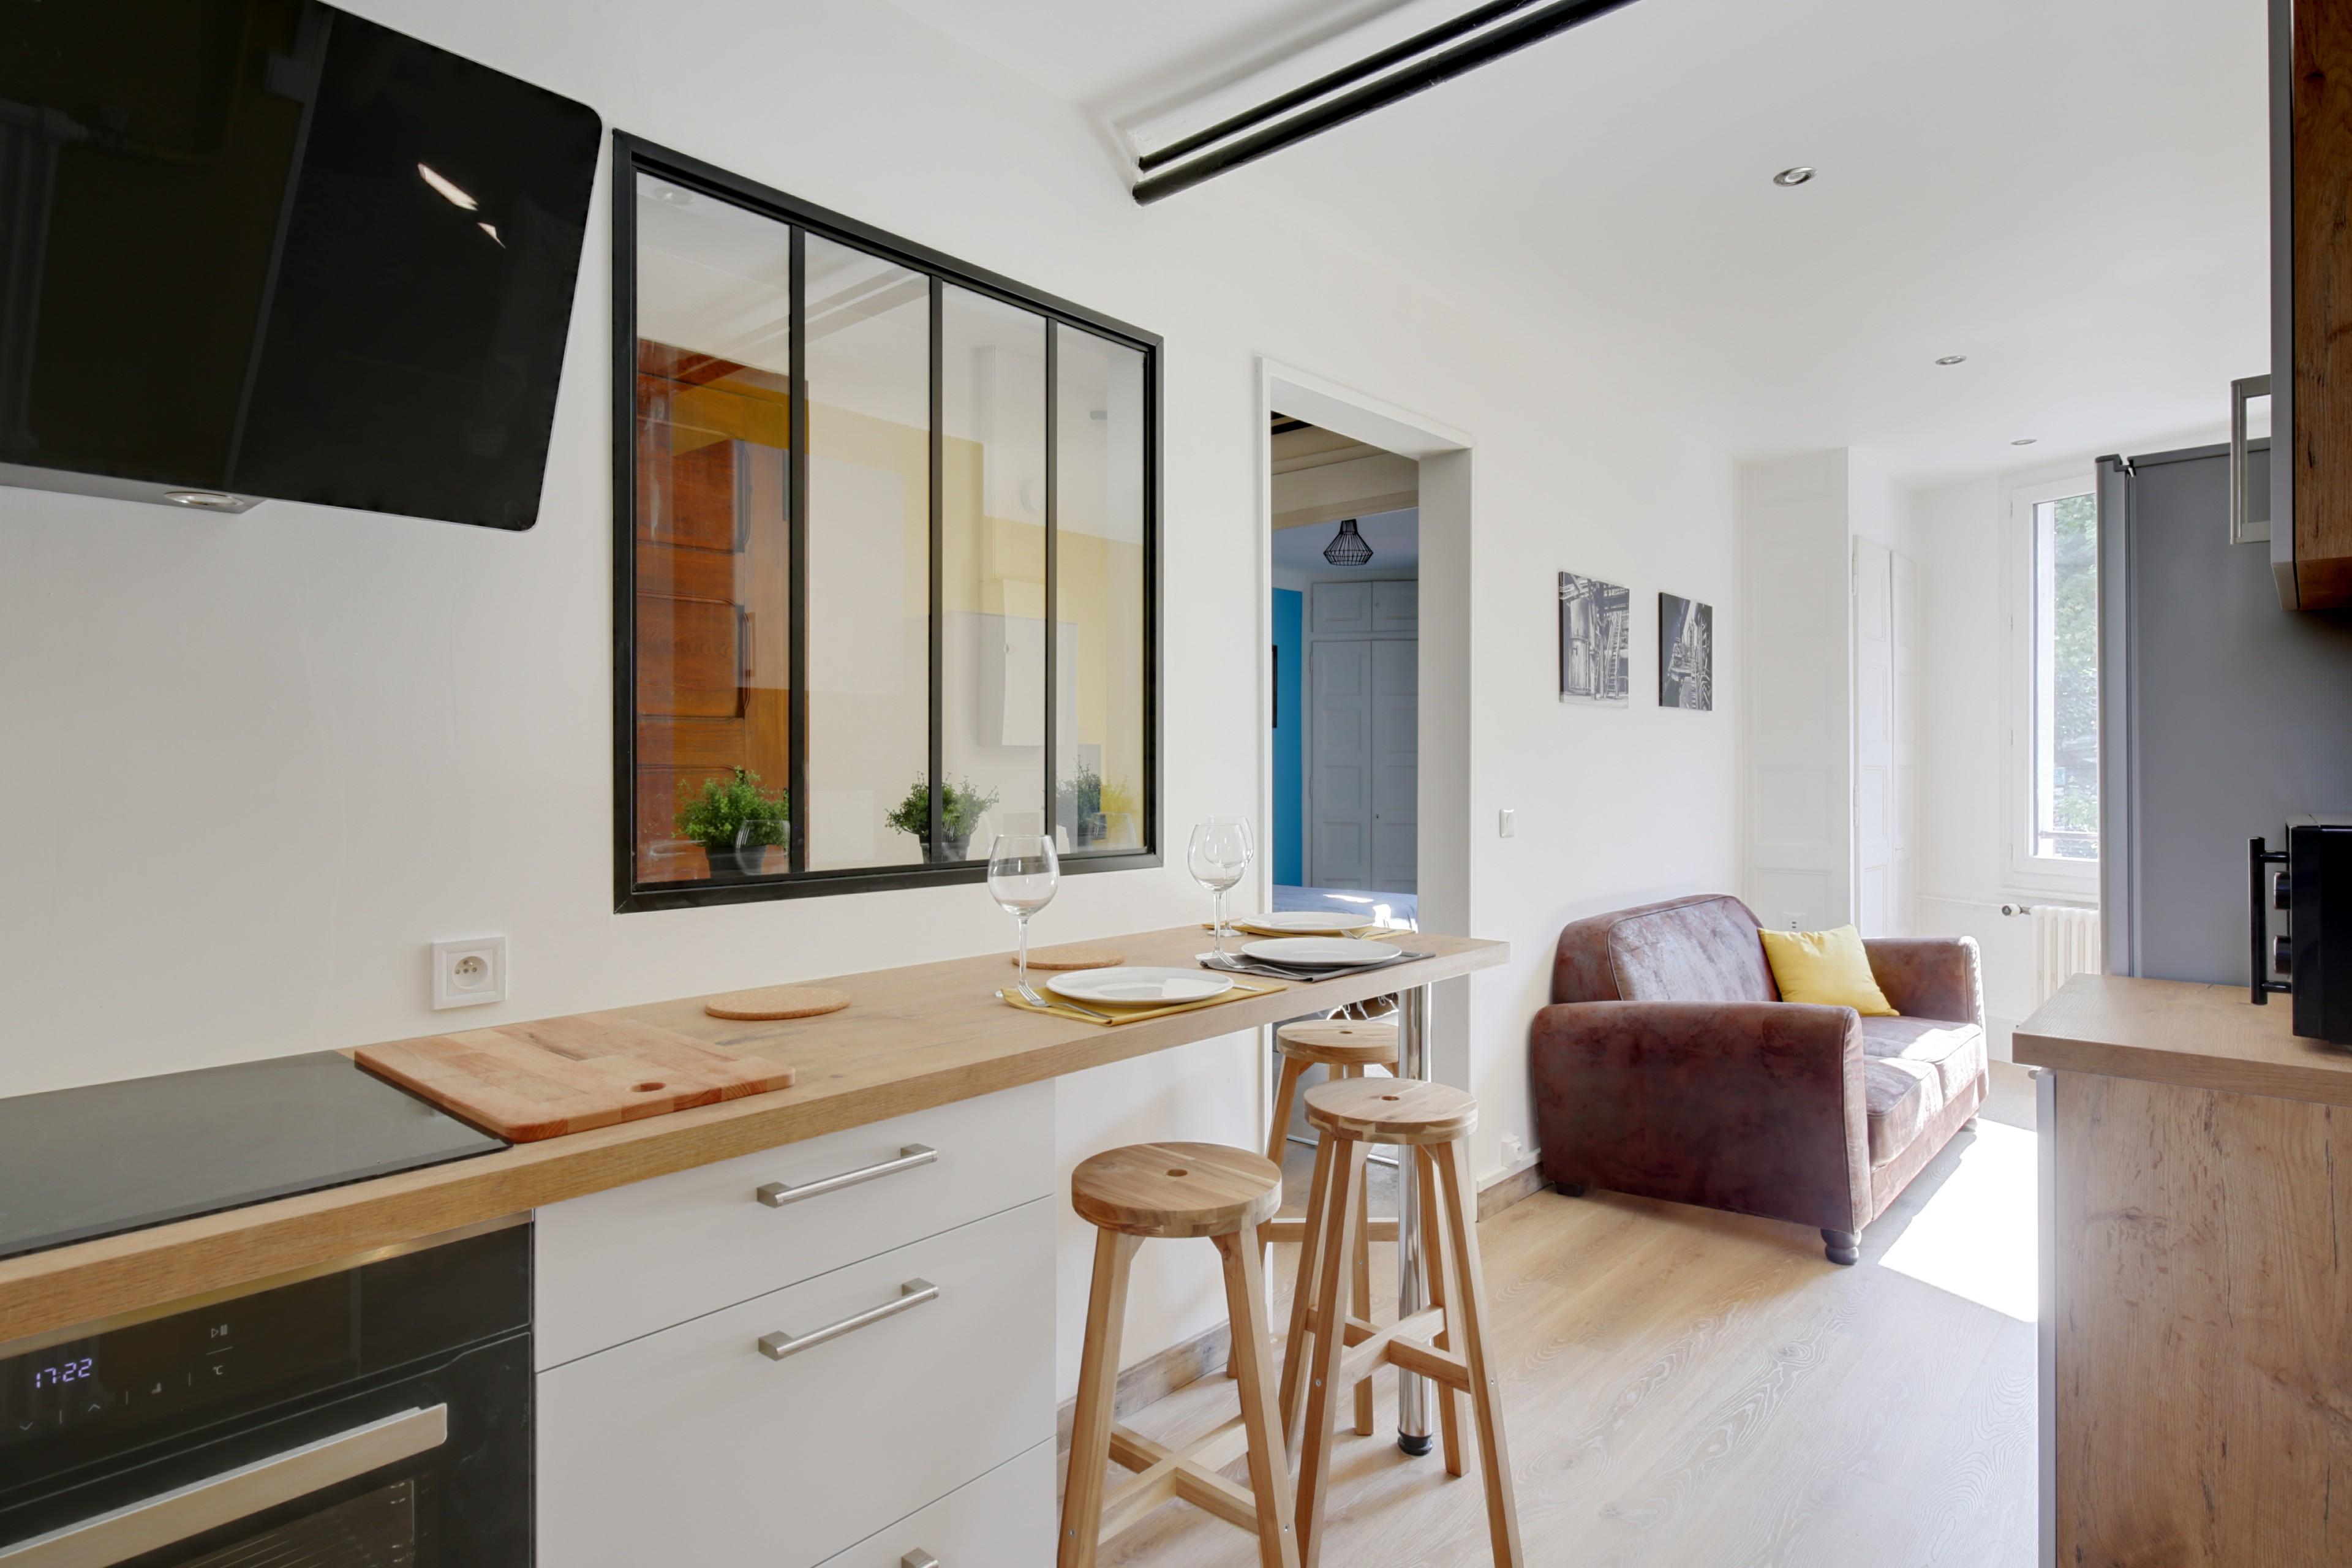 renovation complete d'un appartement/cuisine salon